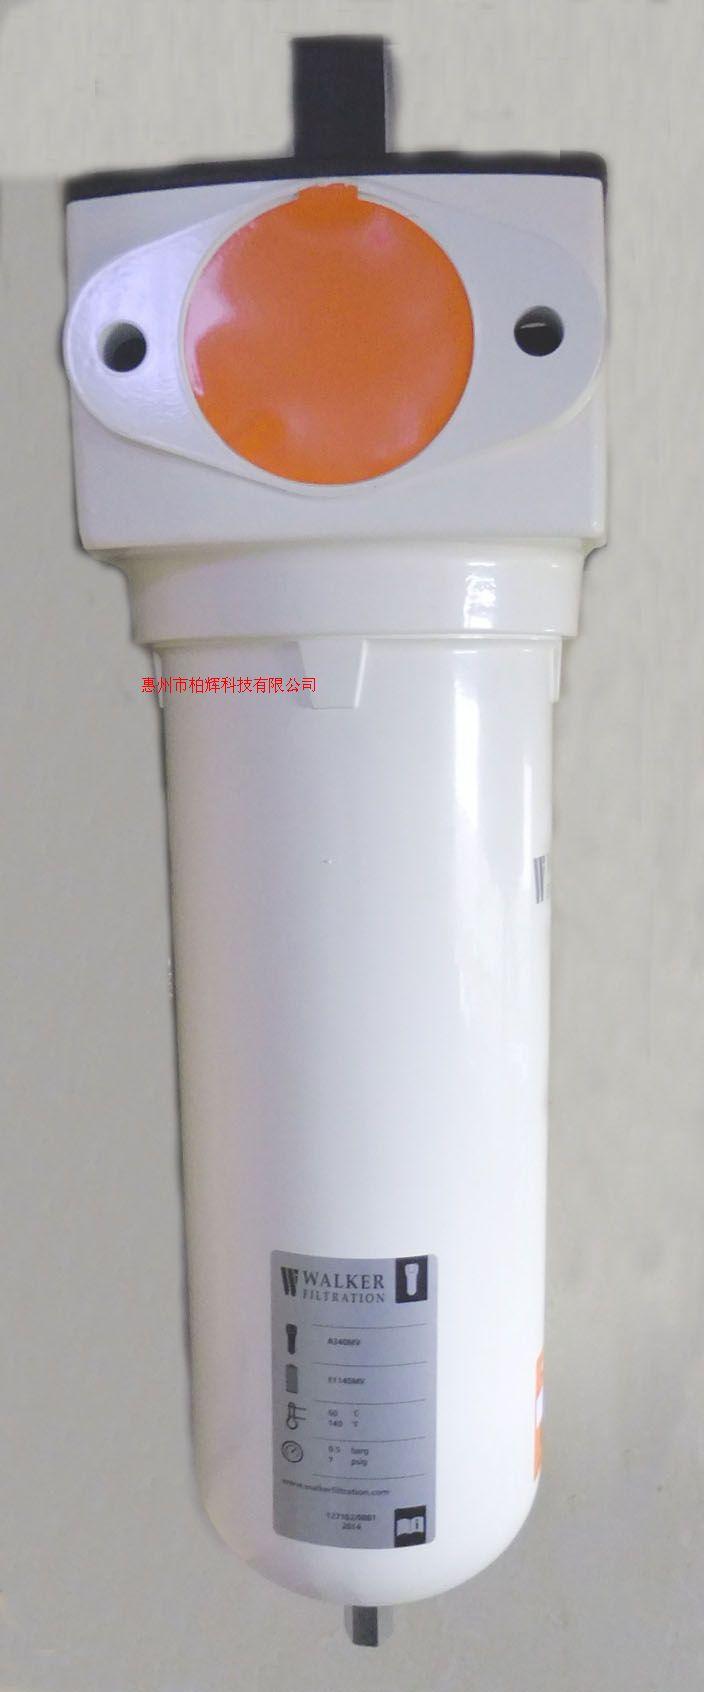 沃克Walker真空除菌過濾器A158MV